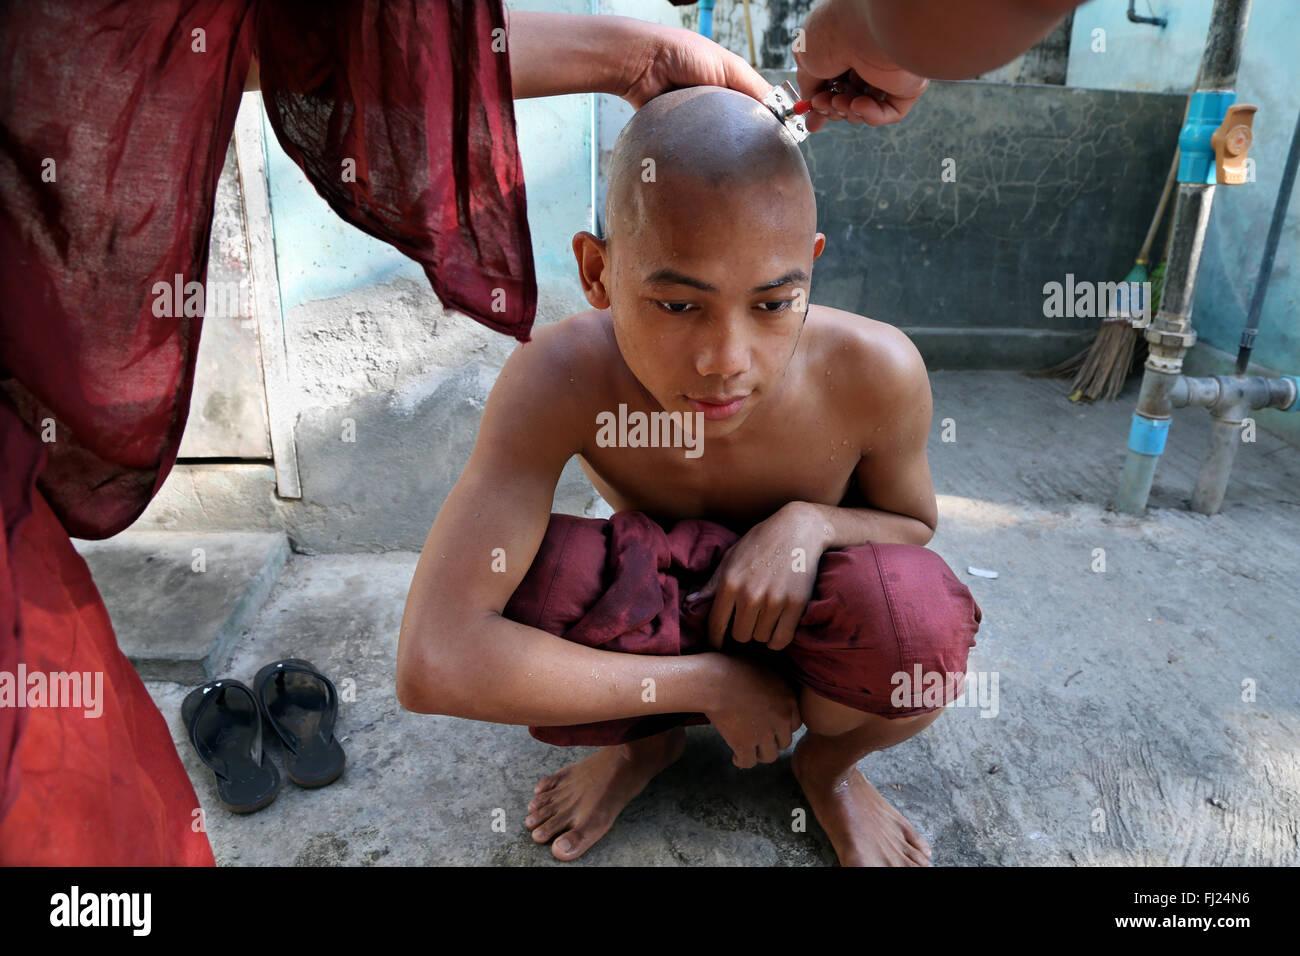 Monje budista siendo afeitado al monasterio de Amarapura, tonsura ritual , Myanmar Foto de stock